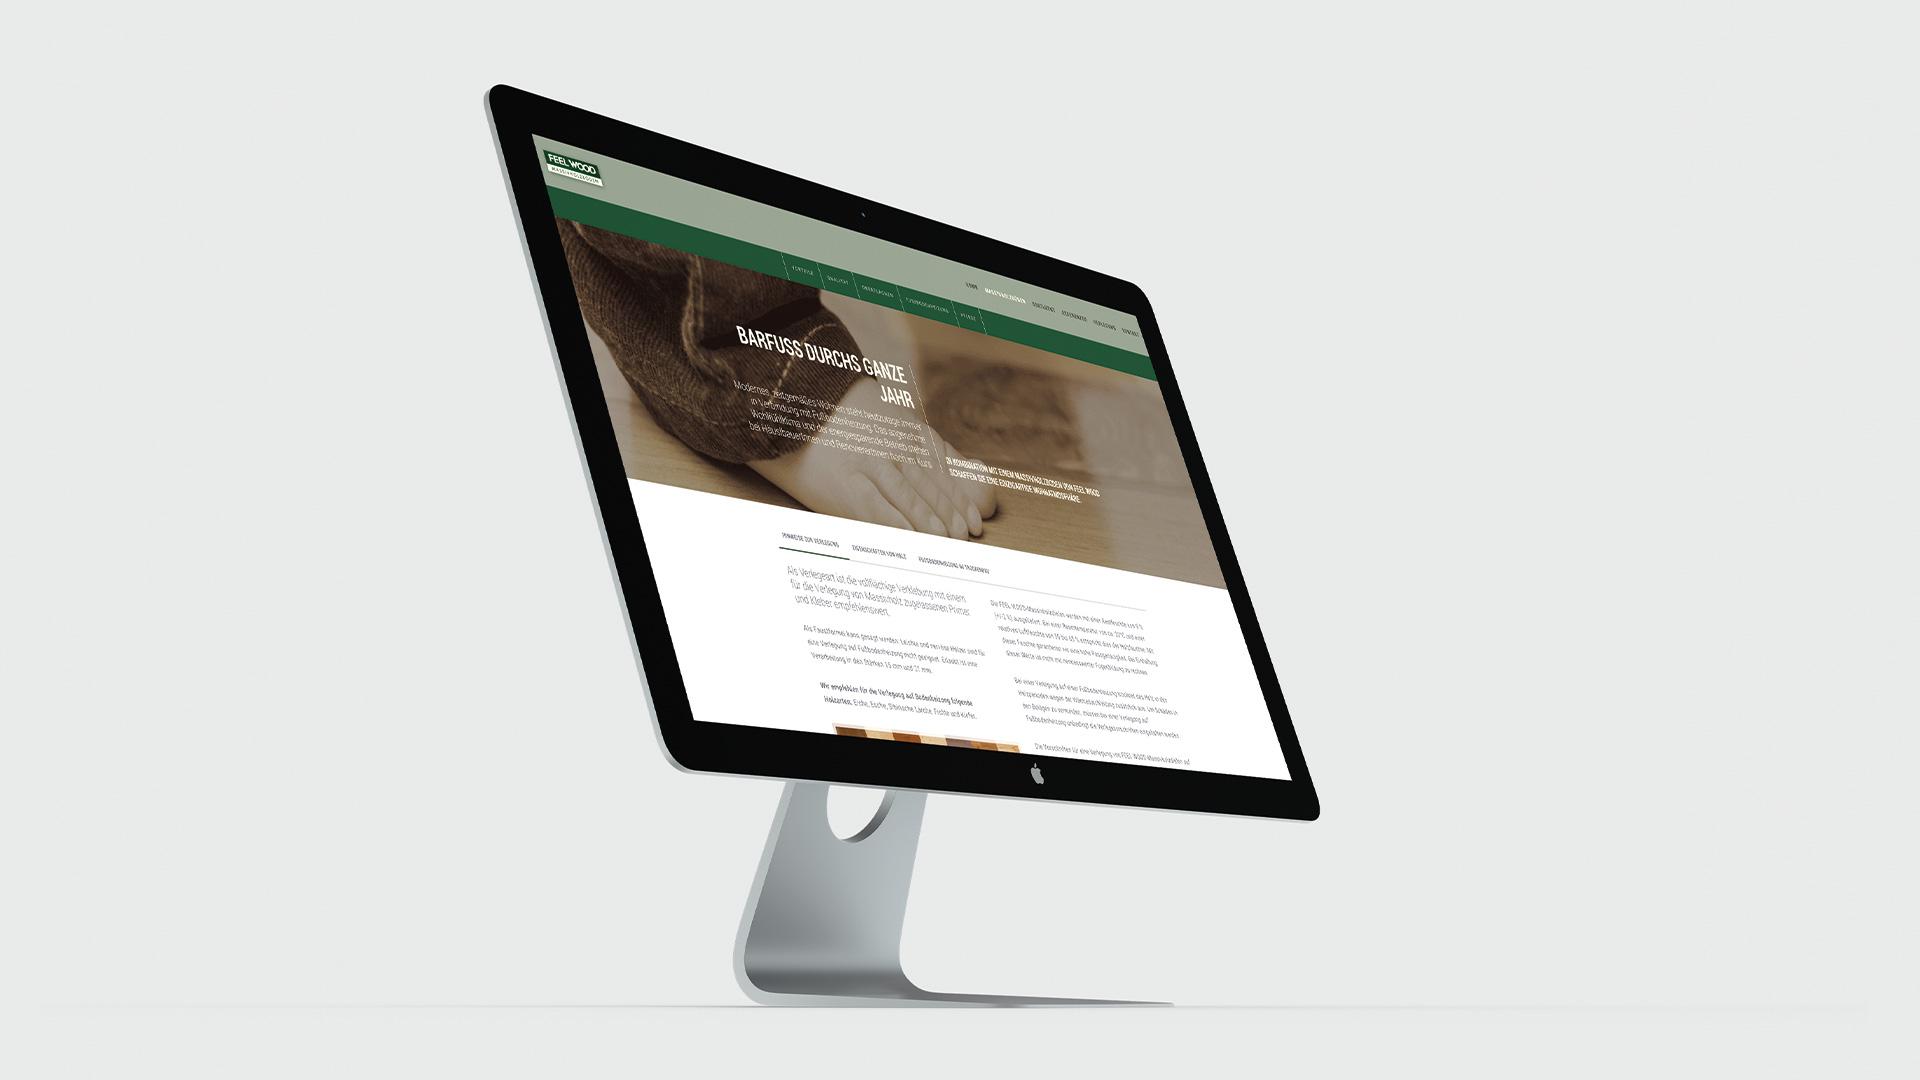 Desktop mit Webdesign von Feel Wood das einen Barfuss zeigt